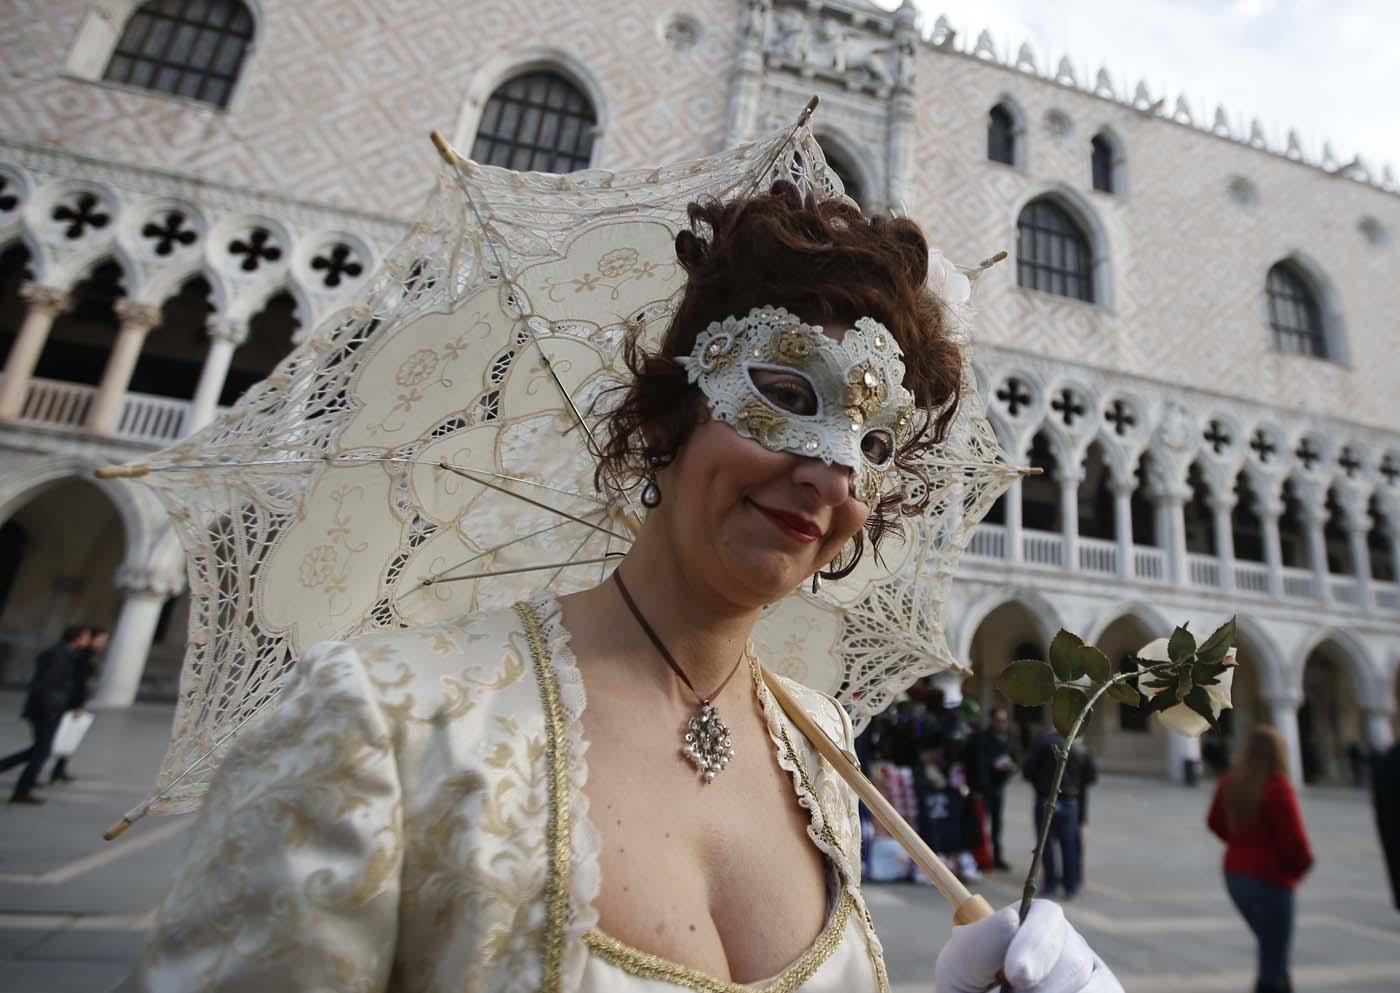 Una mujer con una máscara pasea antes de la gran inauguración del Carnaval en Venecia, Italia, el sábado 23 de 2015. (Foto AP/Luca Bruno)